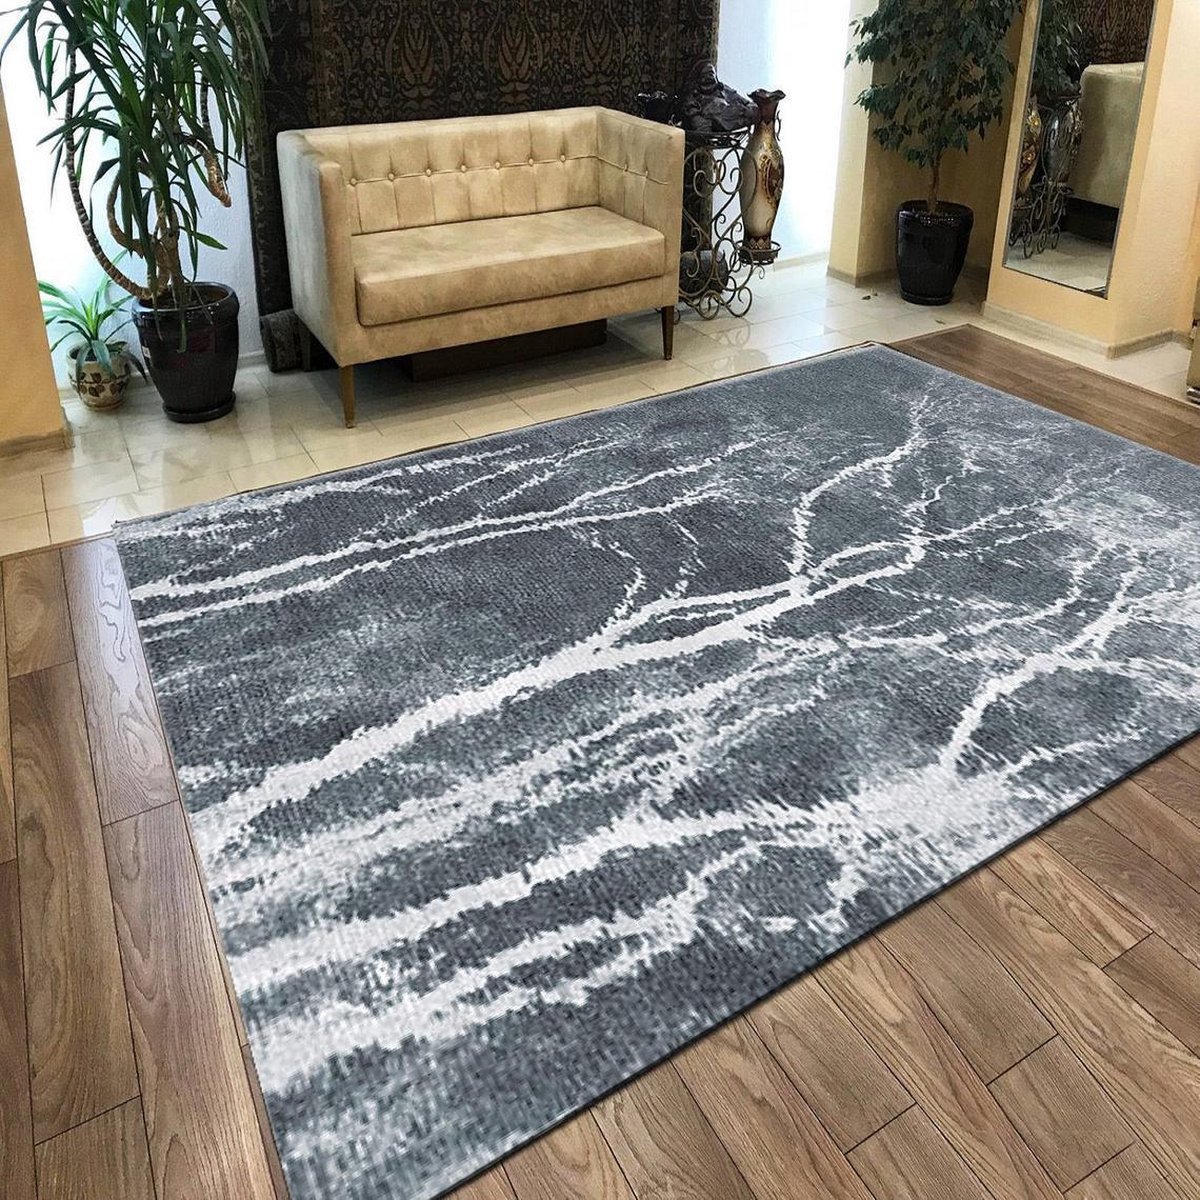 Herms-Abstract 12 Patterned Carpet -Vloerkleed-Antislip-180x280 cm